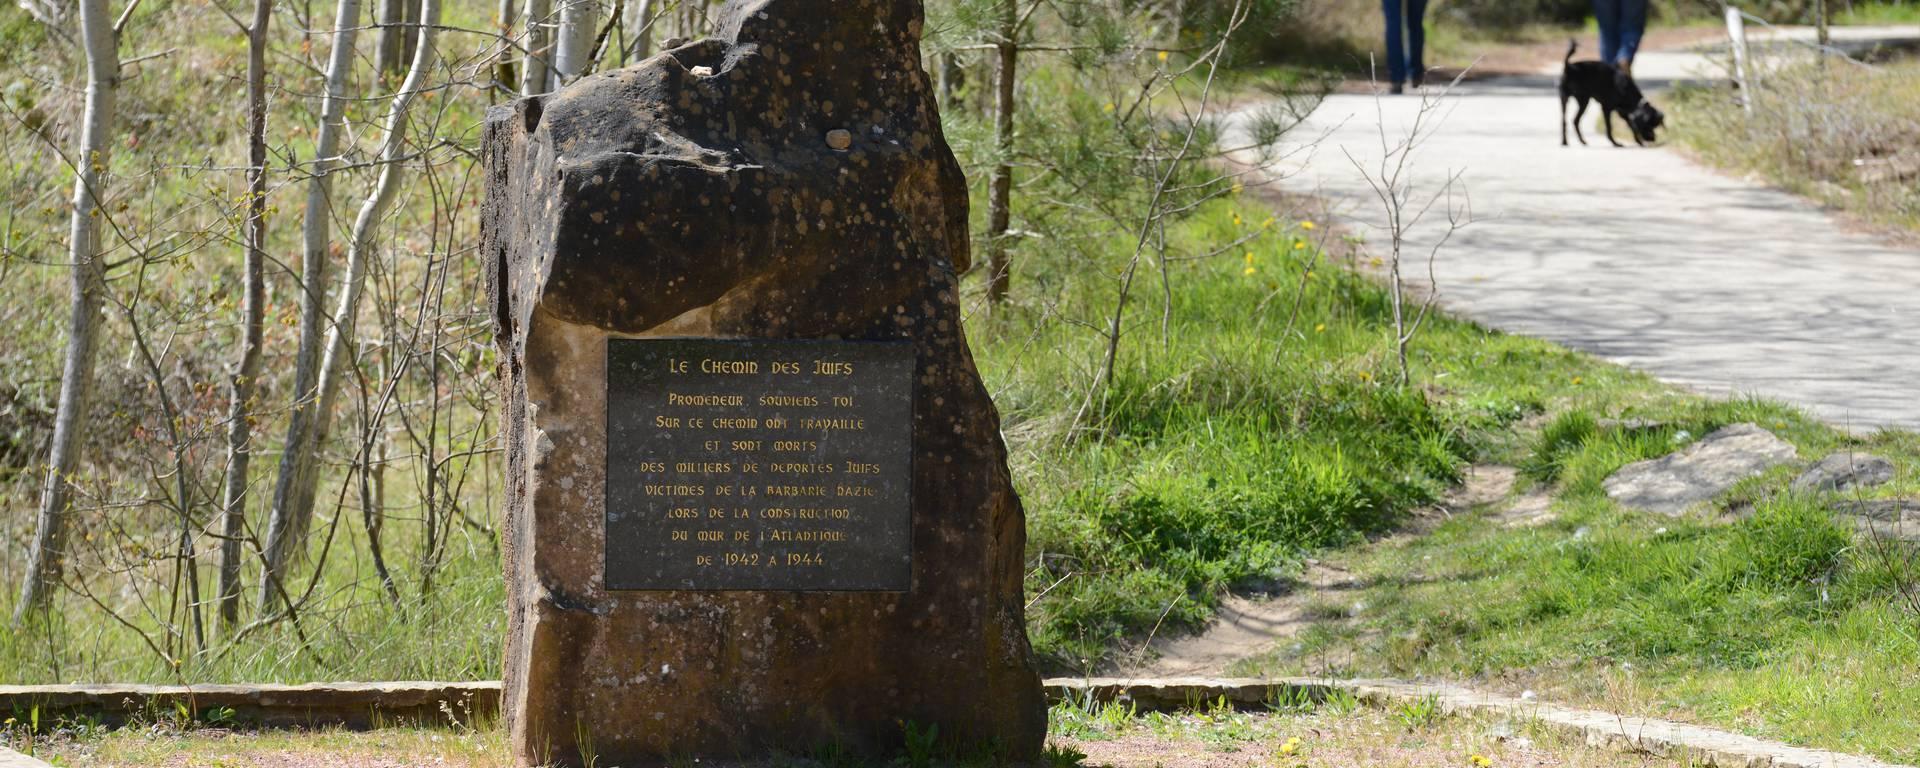 Légion d'Honneur monument